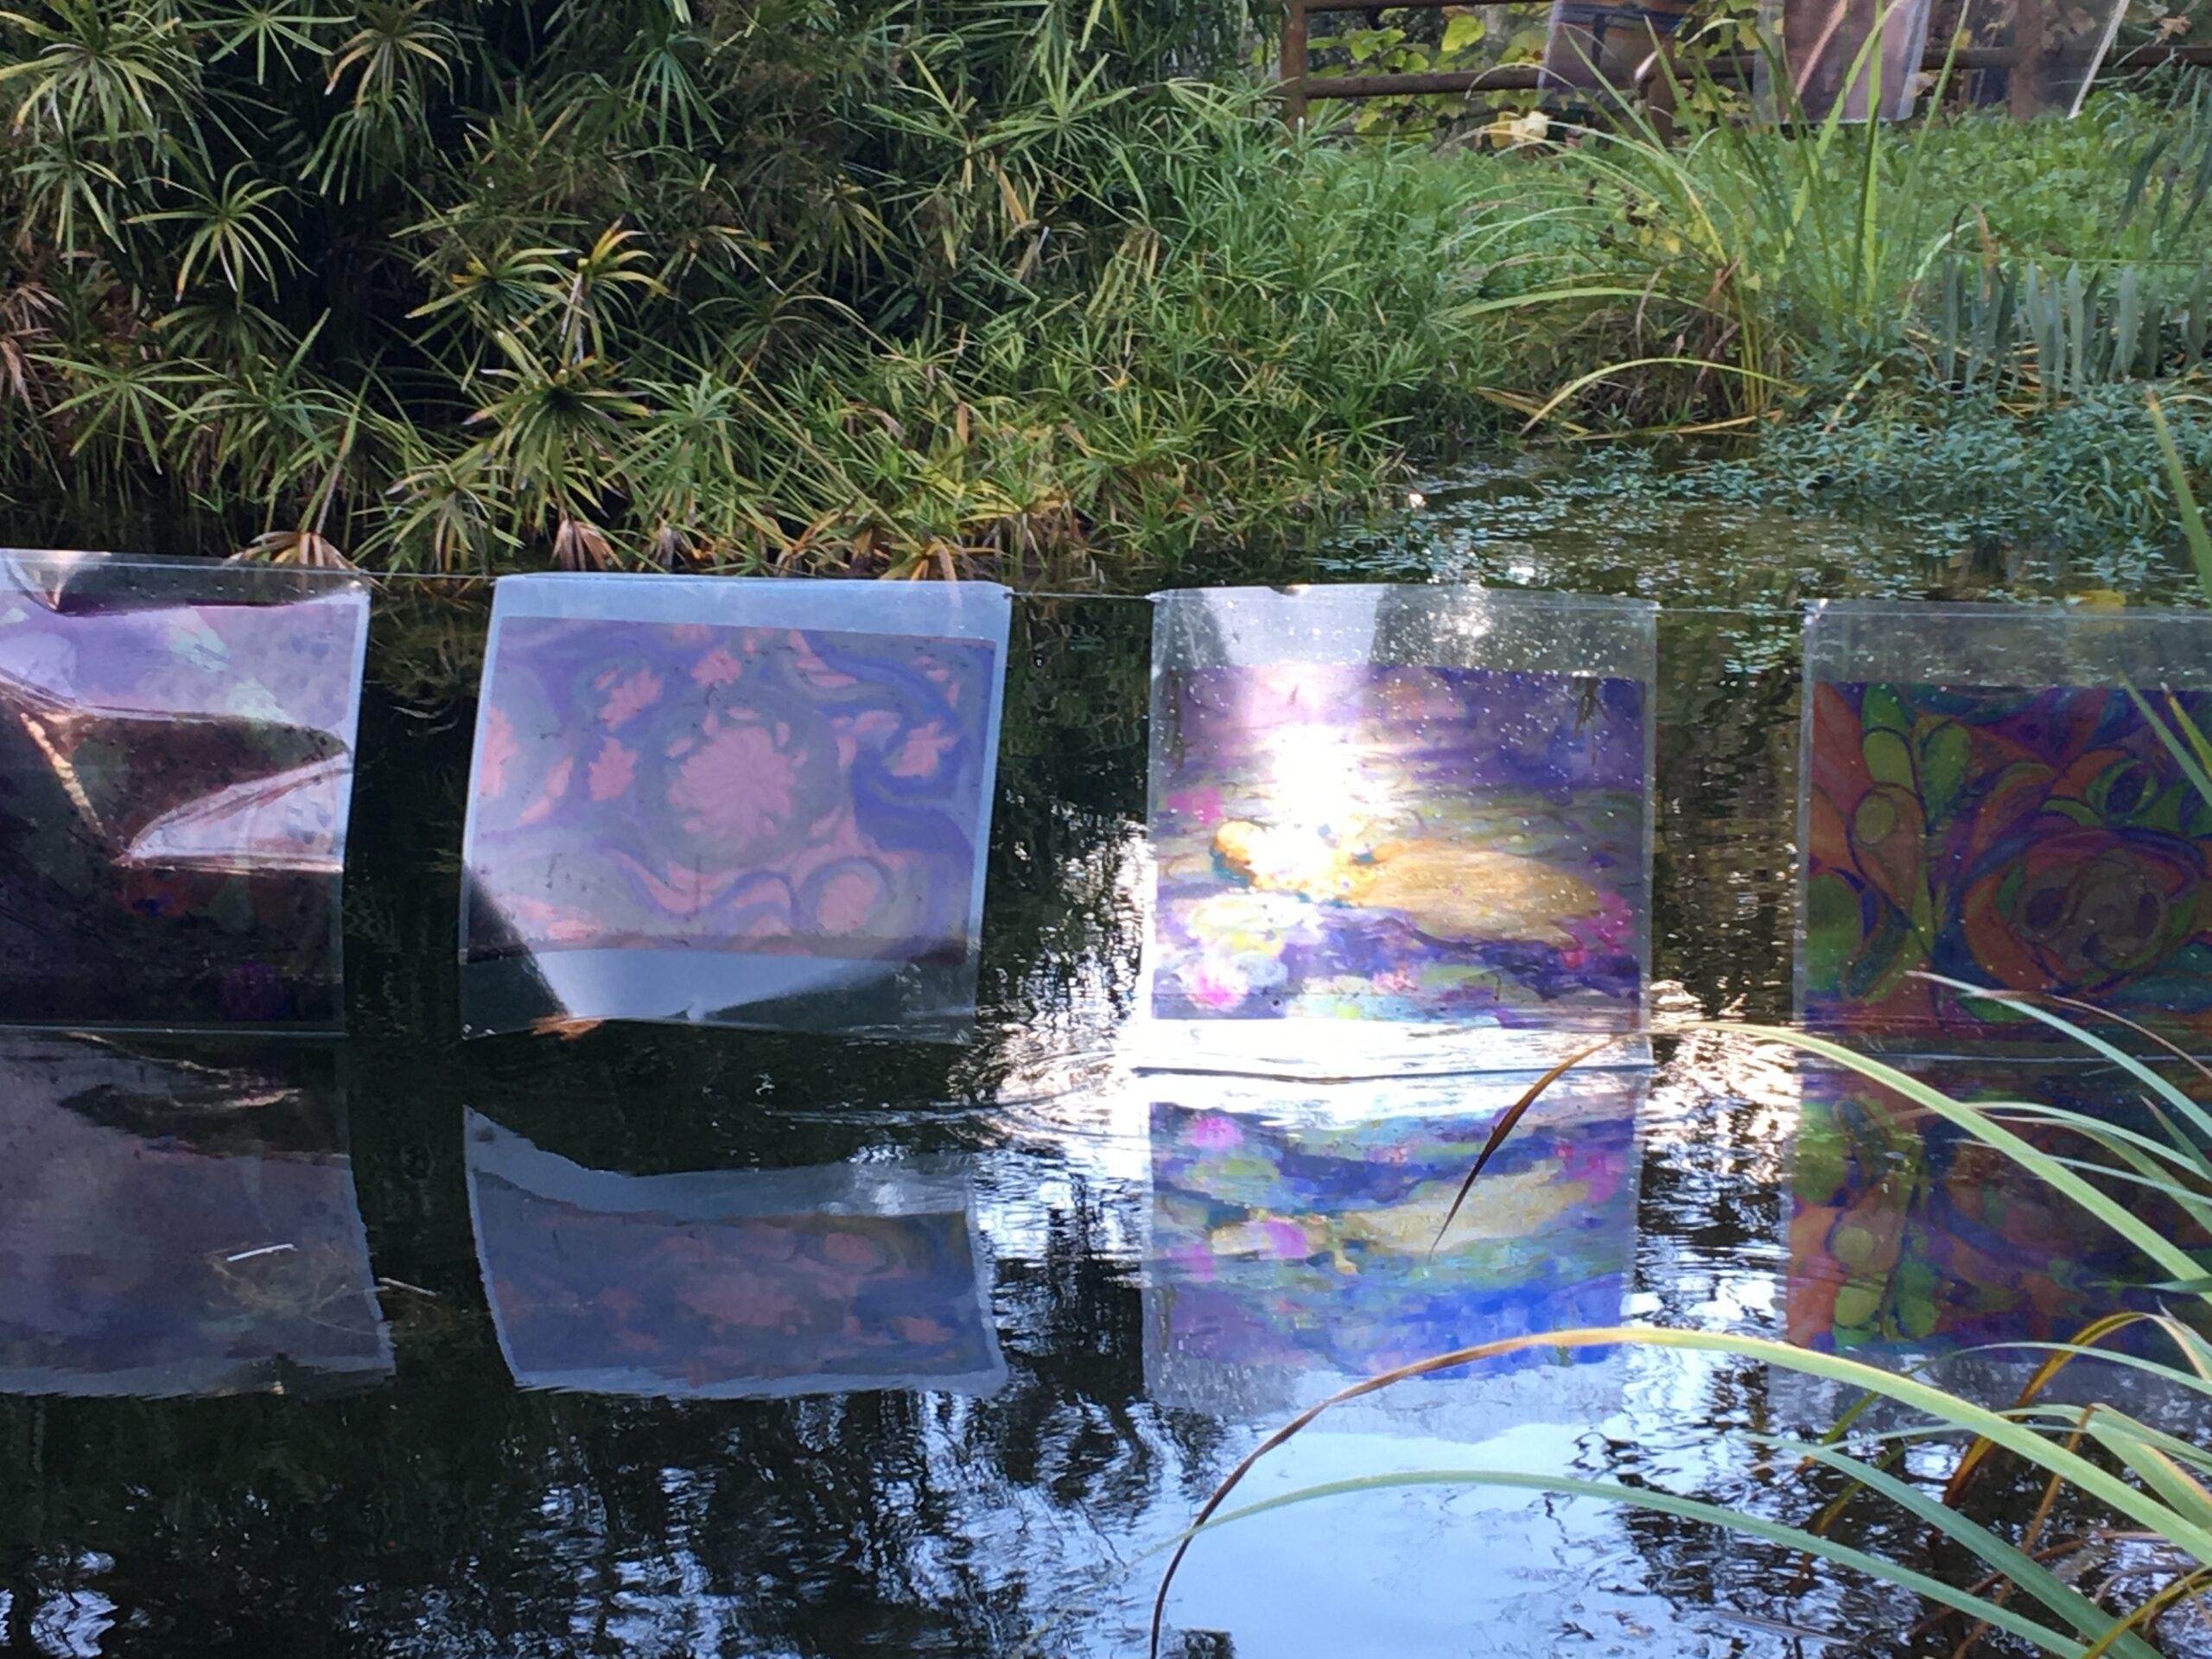 Un'installazione en plein air apre l'Orto Botanico di Roma all'arte contemporanea